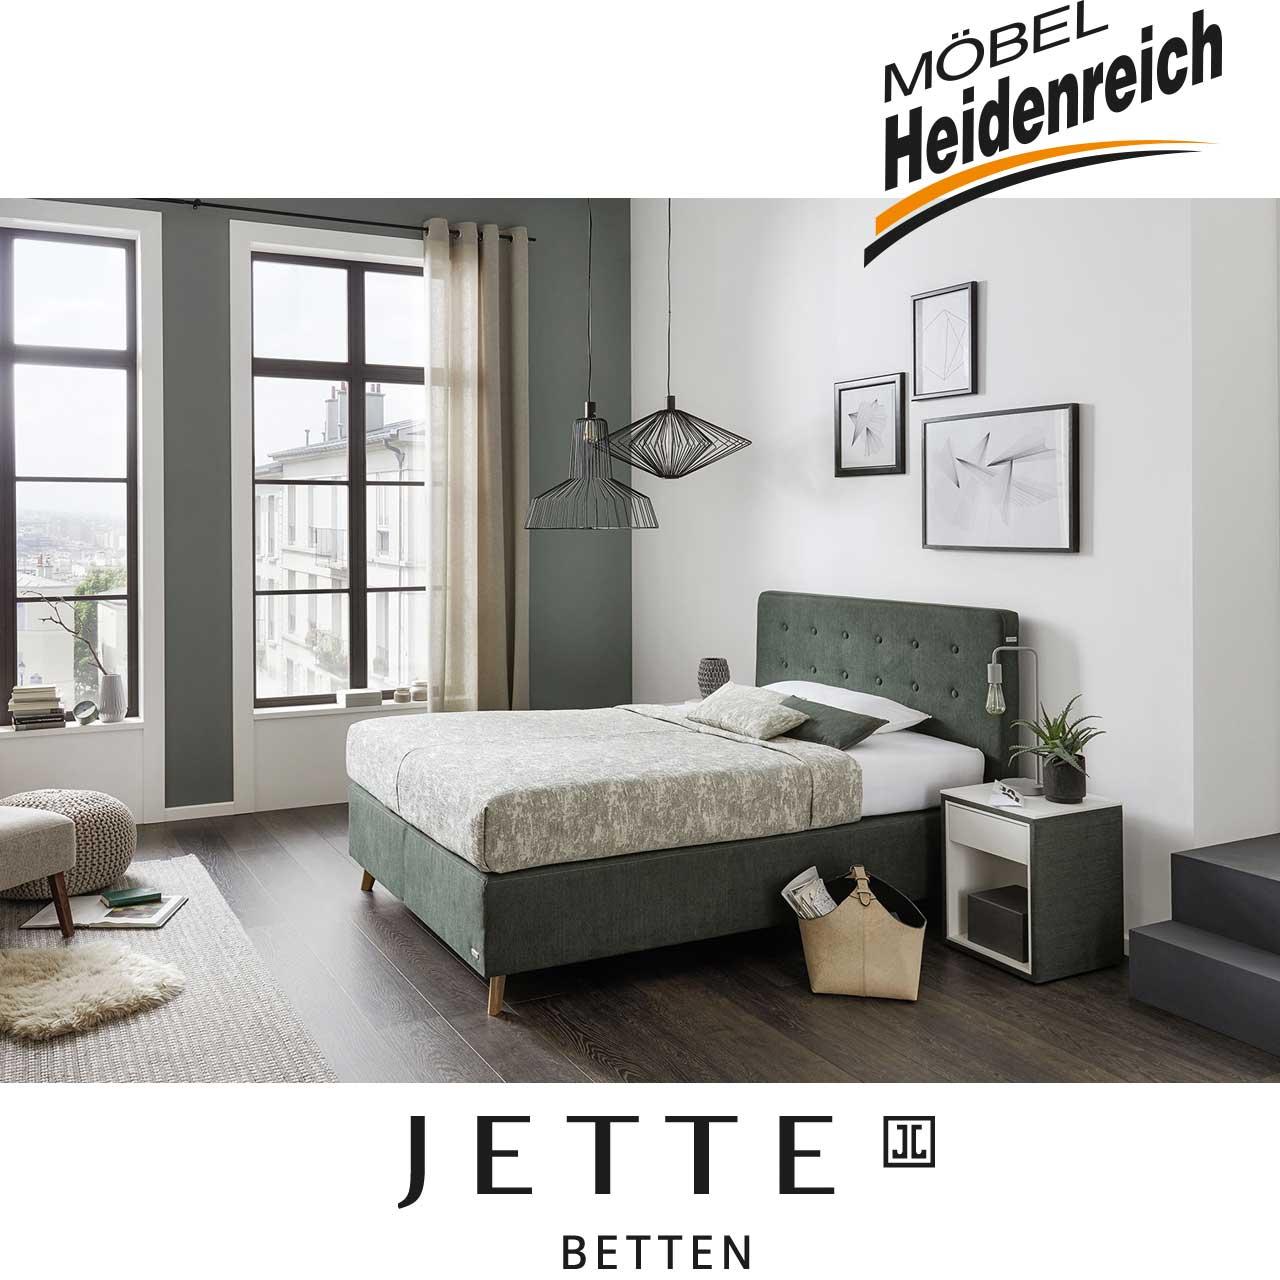 Full Size of Jette Betten 105 Boxspringbett Mbel Heidenreich Bett 200x220 Wohnzimmer Polsterbett 200x220